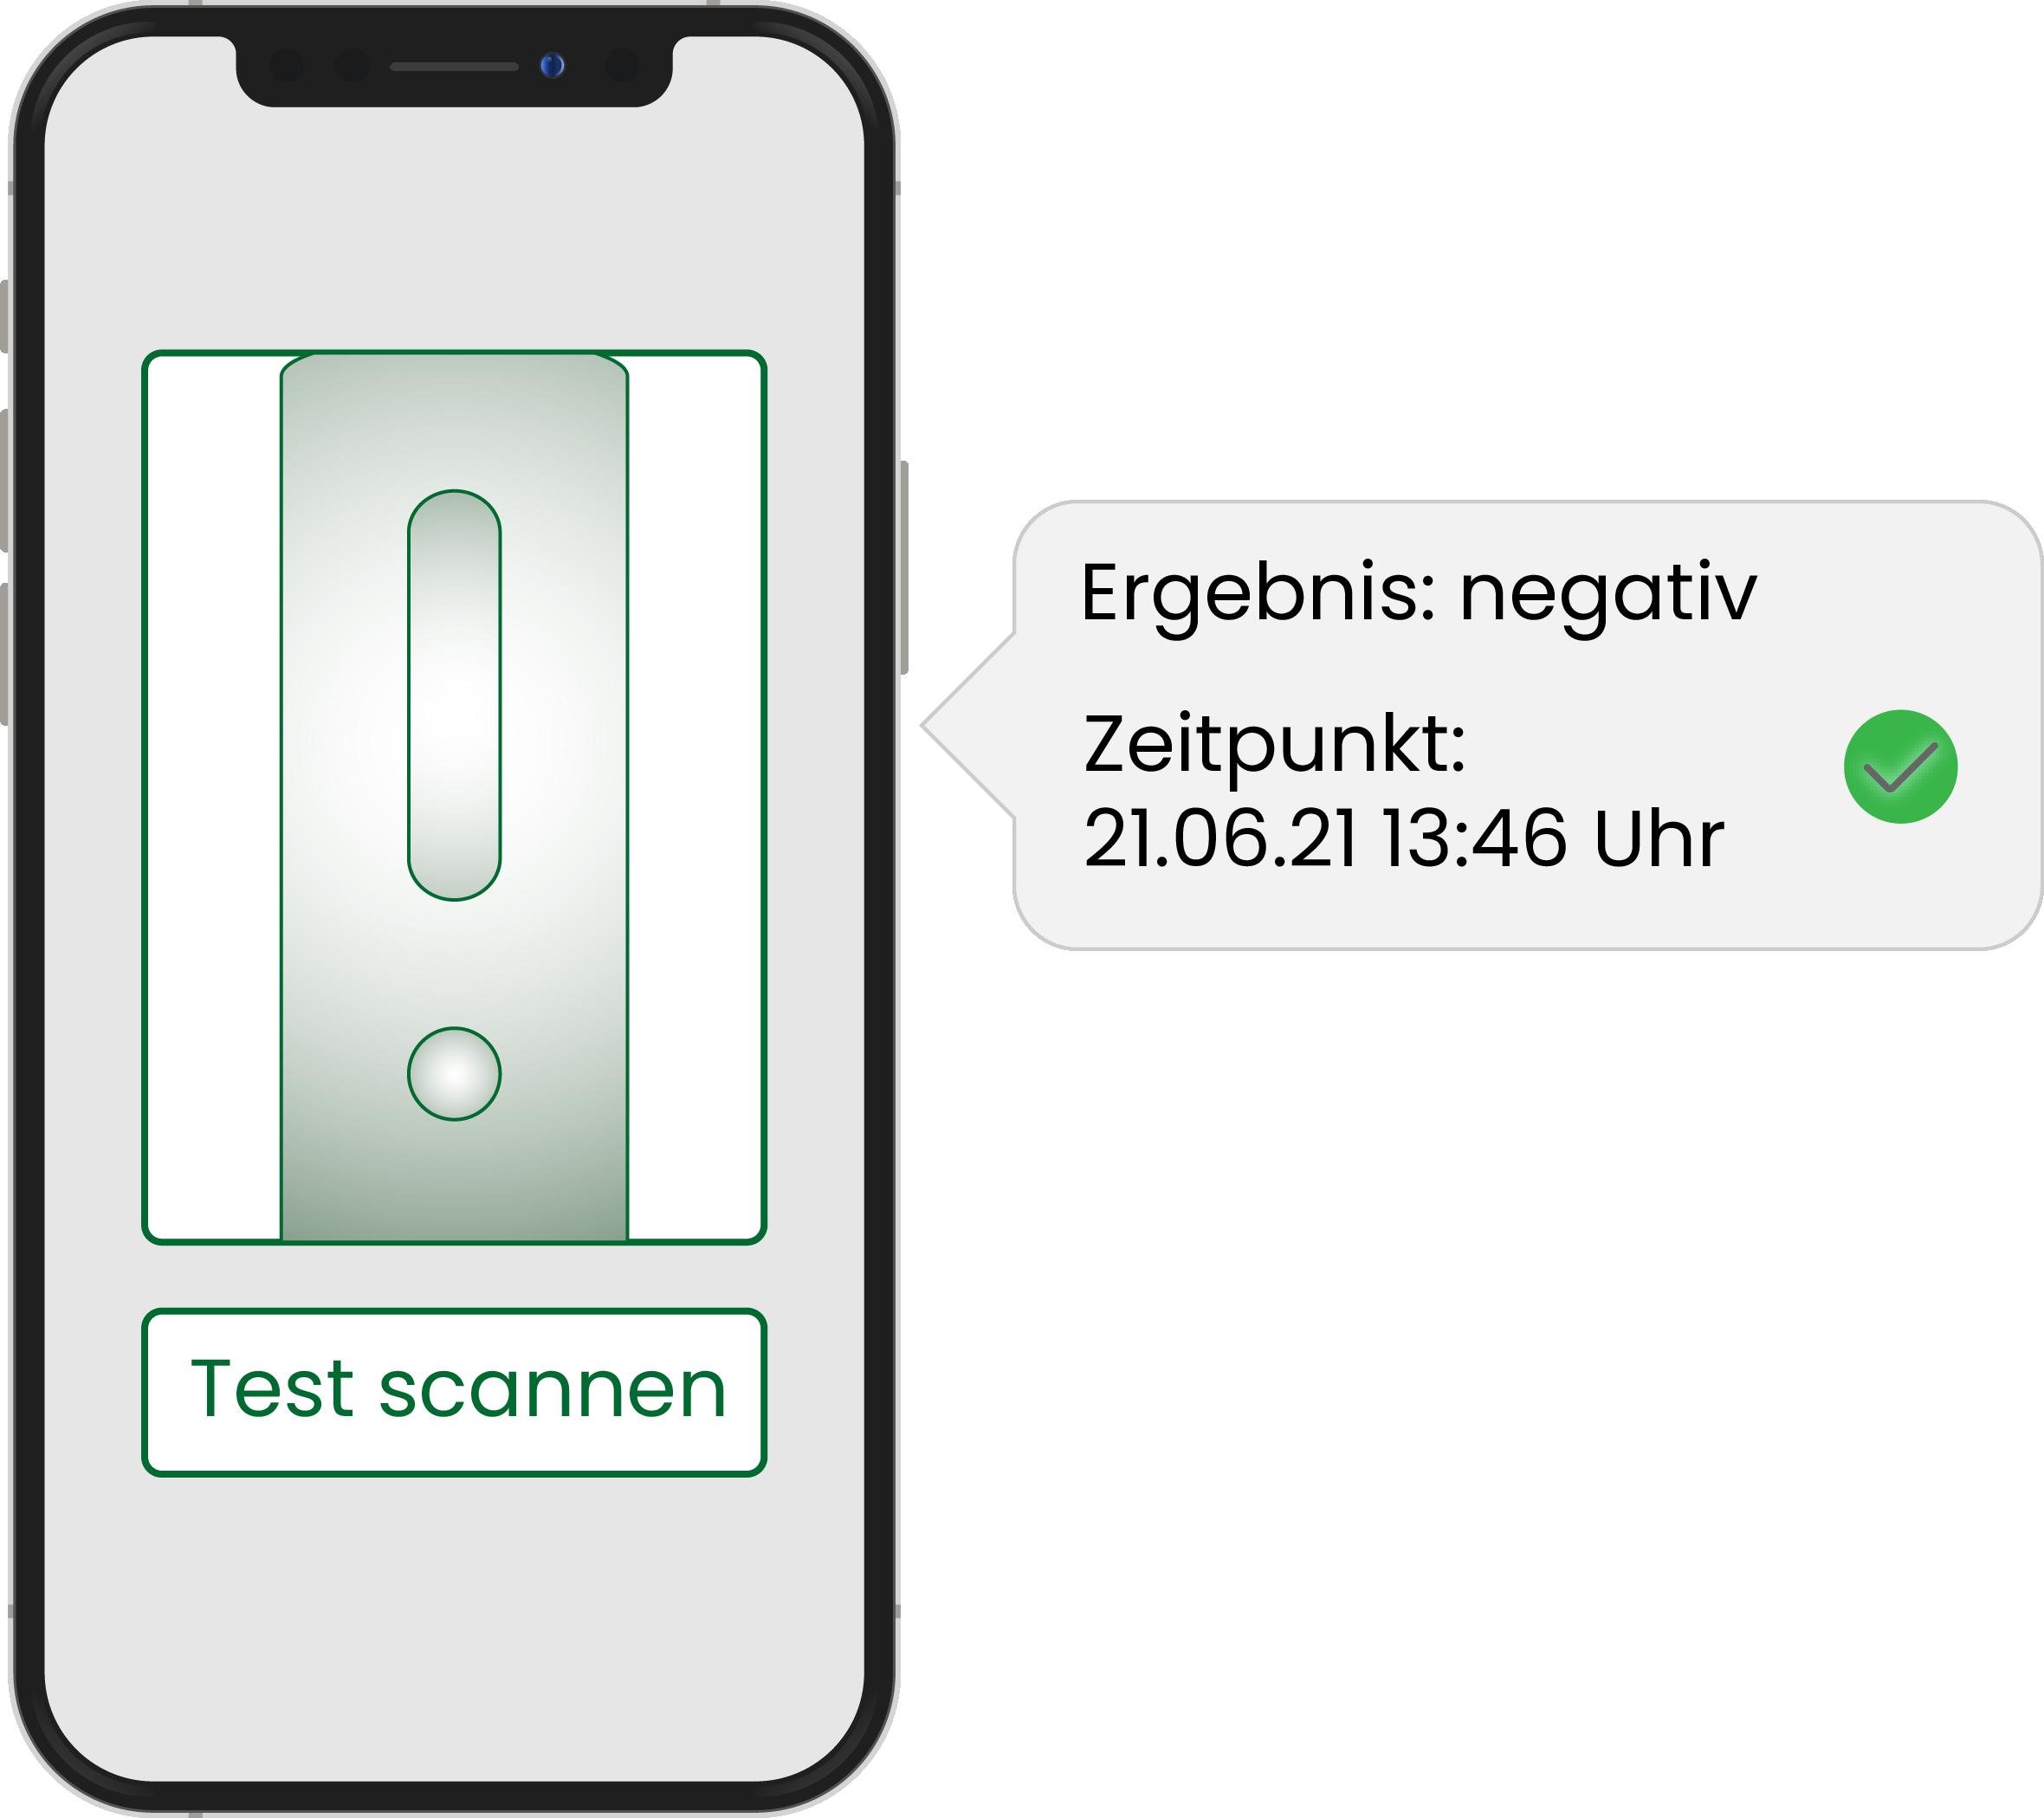 Scannen Sie die Testkassette, damit die App Ihr Ergebnis erkennen kann.